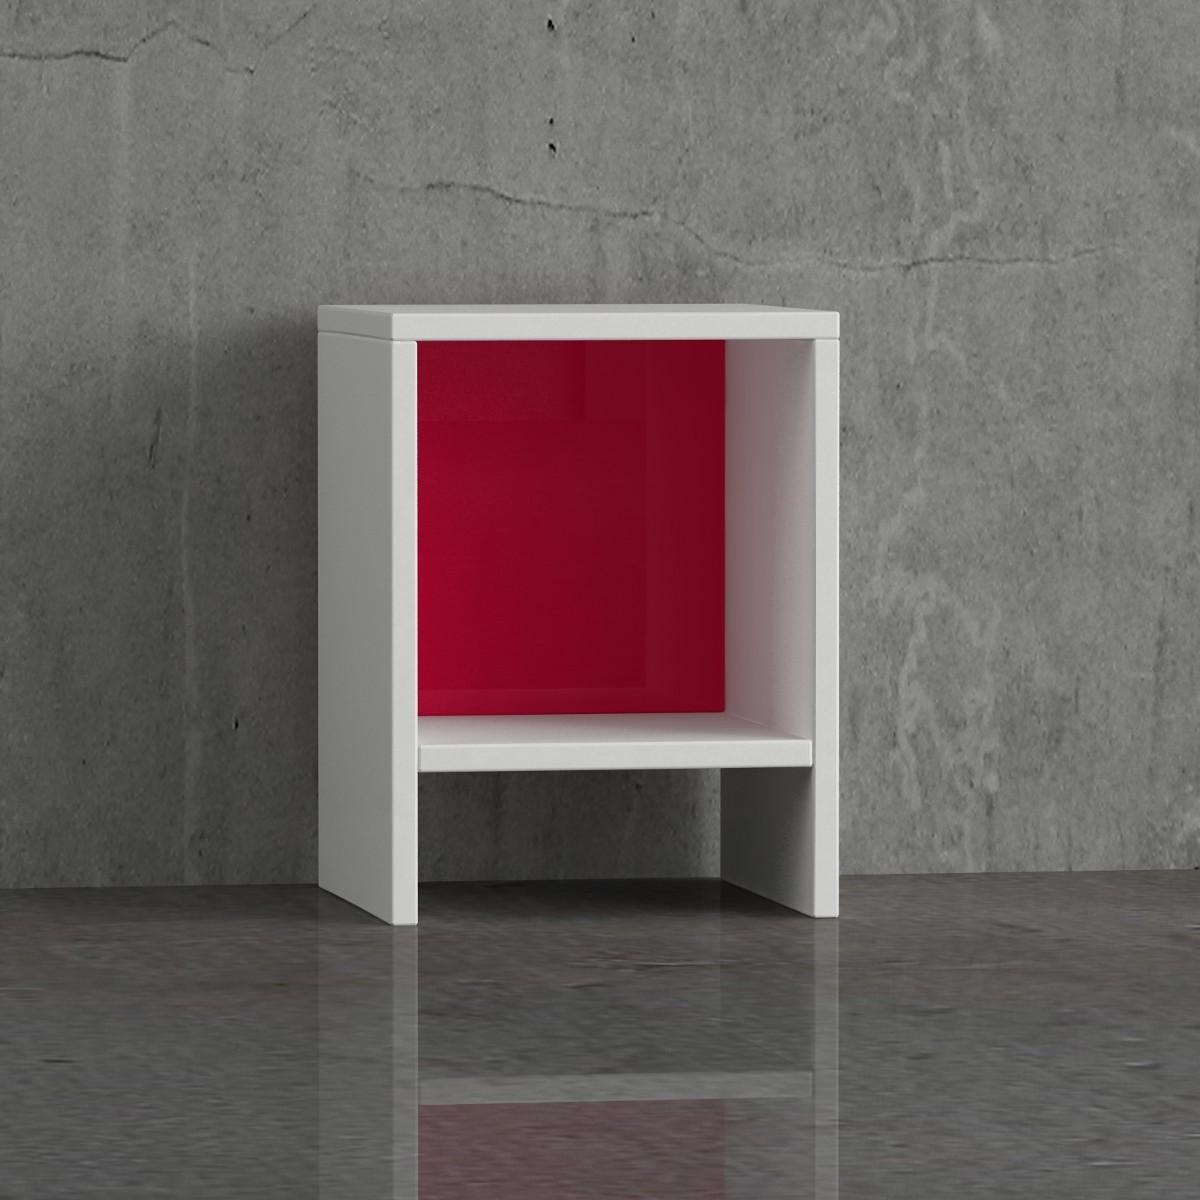 Modularmix cubo per arredamento design moderno colorato for Arredamento colorato